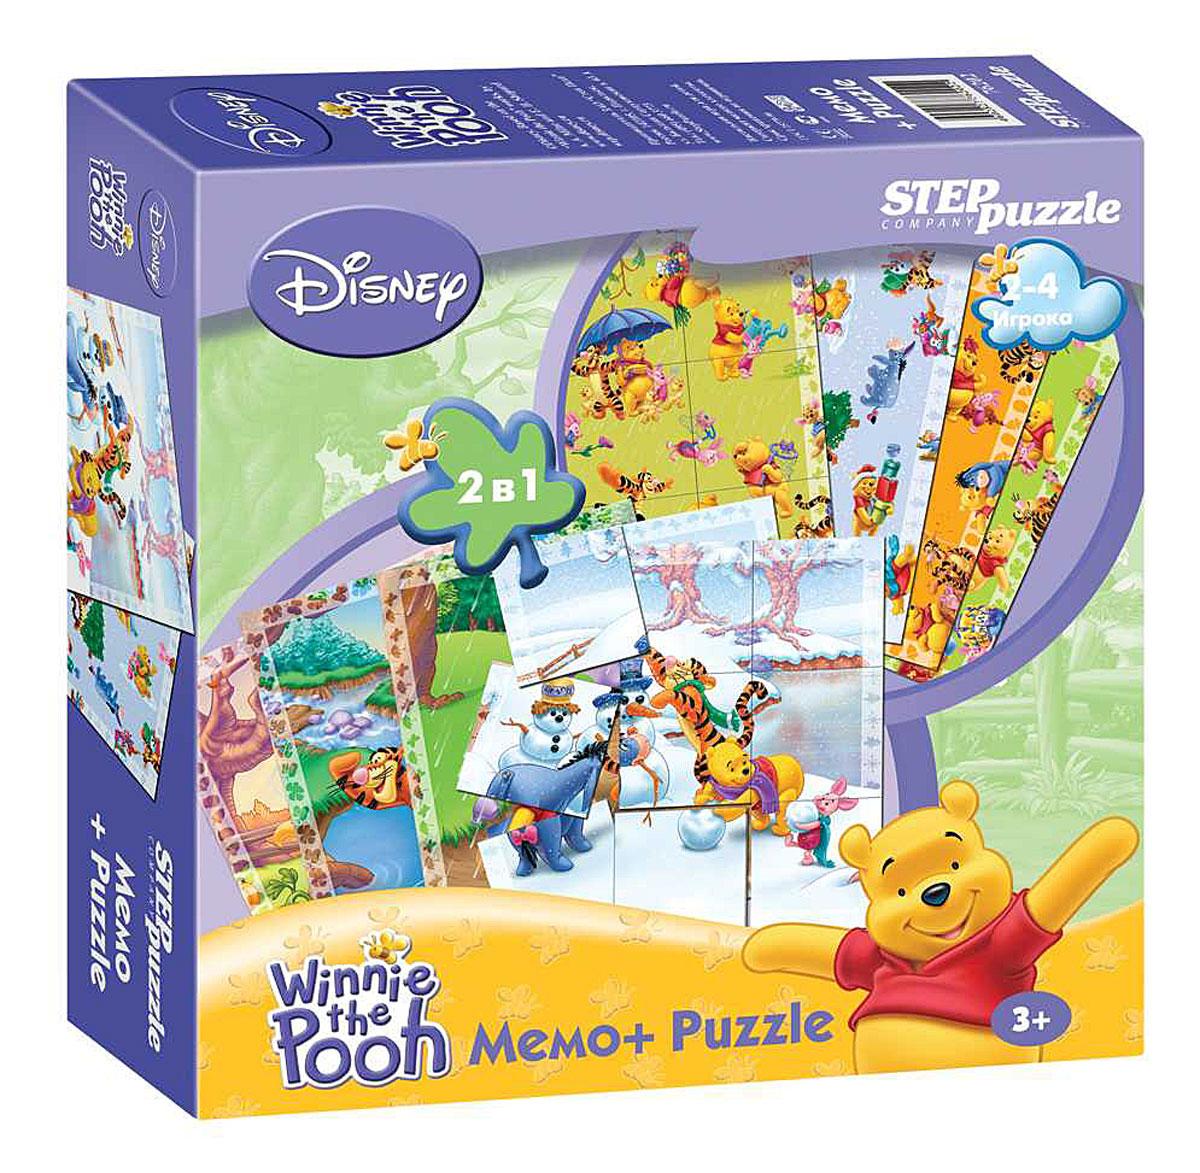 Step Puzzle Мемо и пазл Медвежонок Винни76202Набор Step Puzzle Медвежонок Винни состоит из двух игр. В первом случае дети наперегонки собирают картинки-пазлы, кто первый собрал, тот и выиграл. Для усложнения данного варианта используют принцип игры в Memo: карточки переворачивают лицевой стороной вниз и игроки, в порядке очерёдности, их открывают, стараясь открыть те картинки, которые относятся к их Puzzle. В случае ошибки, карточка переворачивается обратно, и ход переходит к следующему игроку. Во втором случае используется сторона карточек с маленькими фигурками. Их нужно быстрее всех собрать в цельную квадратную картинку (3 х 3) таким образом, чтобы все фигурки состыковывались. Такие игры развивают наблюдательность, память, дух соревнования.